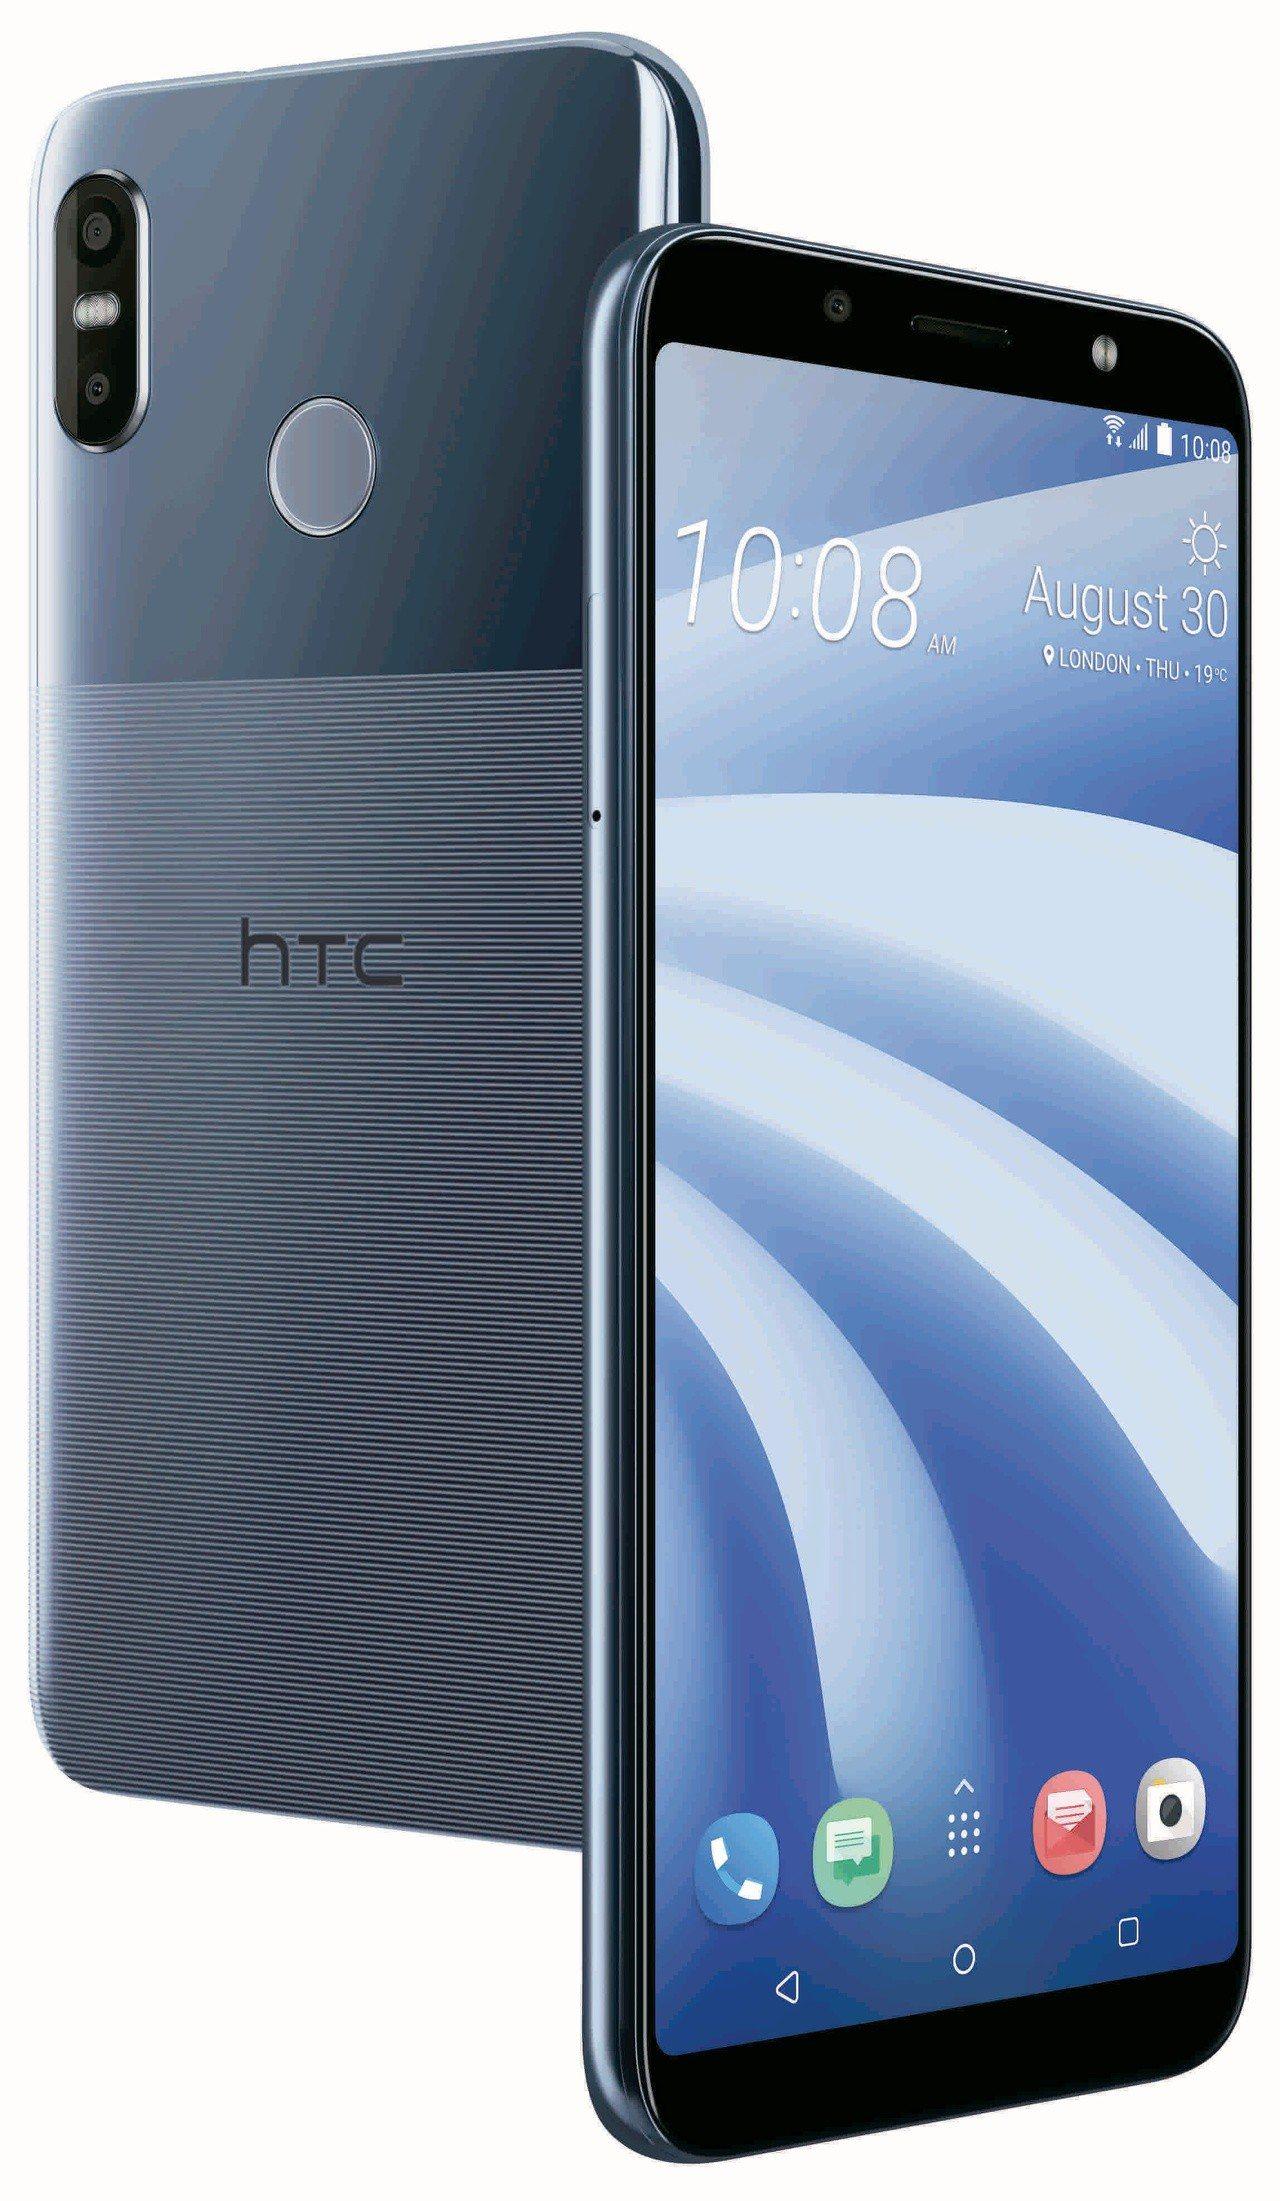 HTC於IFA展前發表新款中階智慧手機HTC U12 life。圖/HTC提供